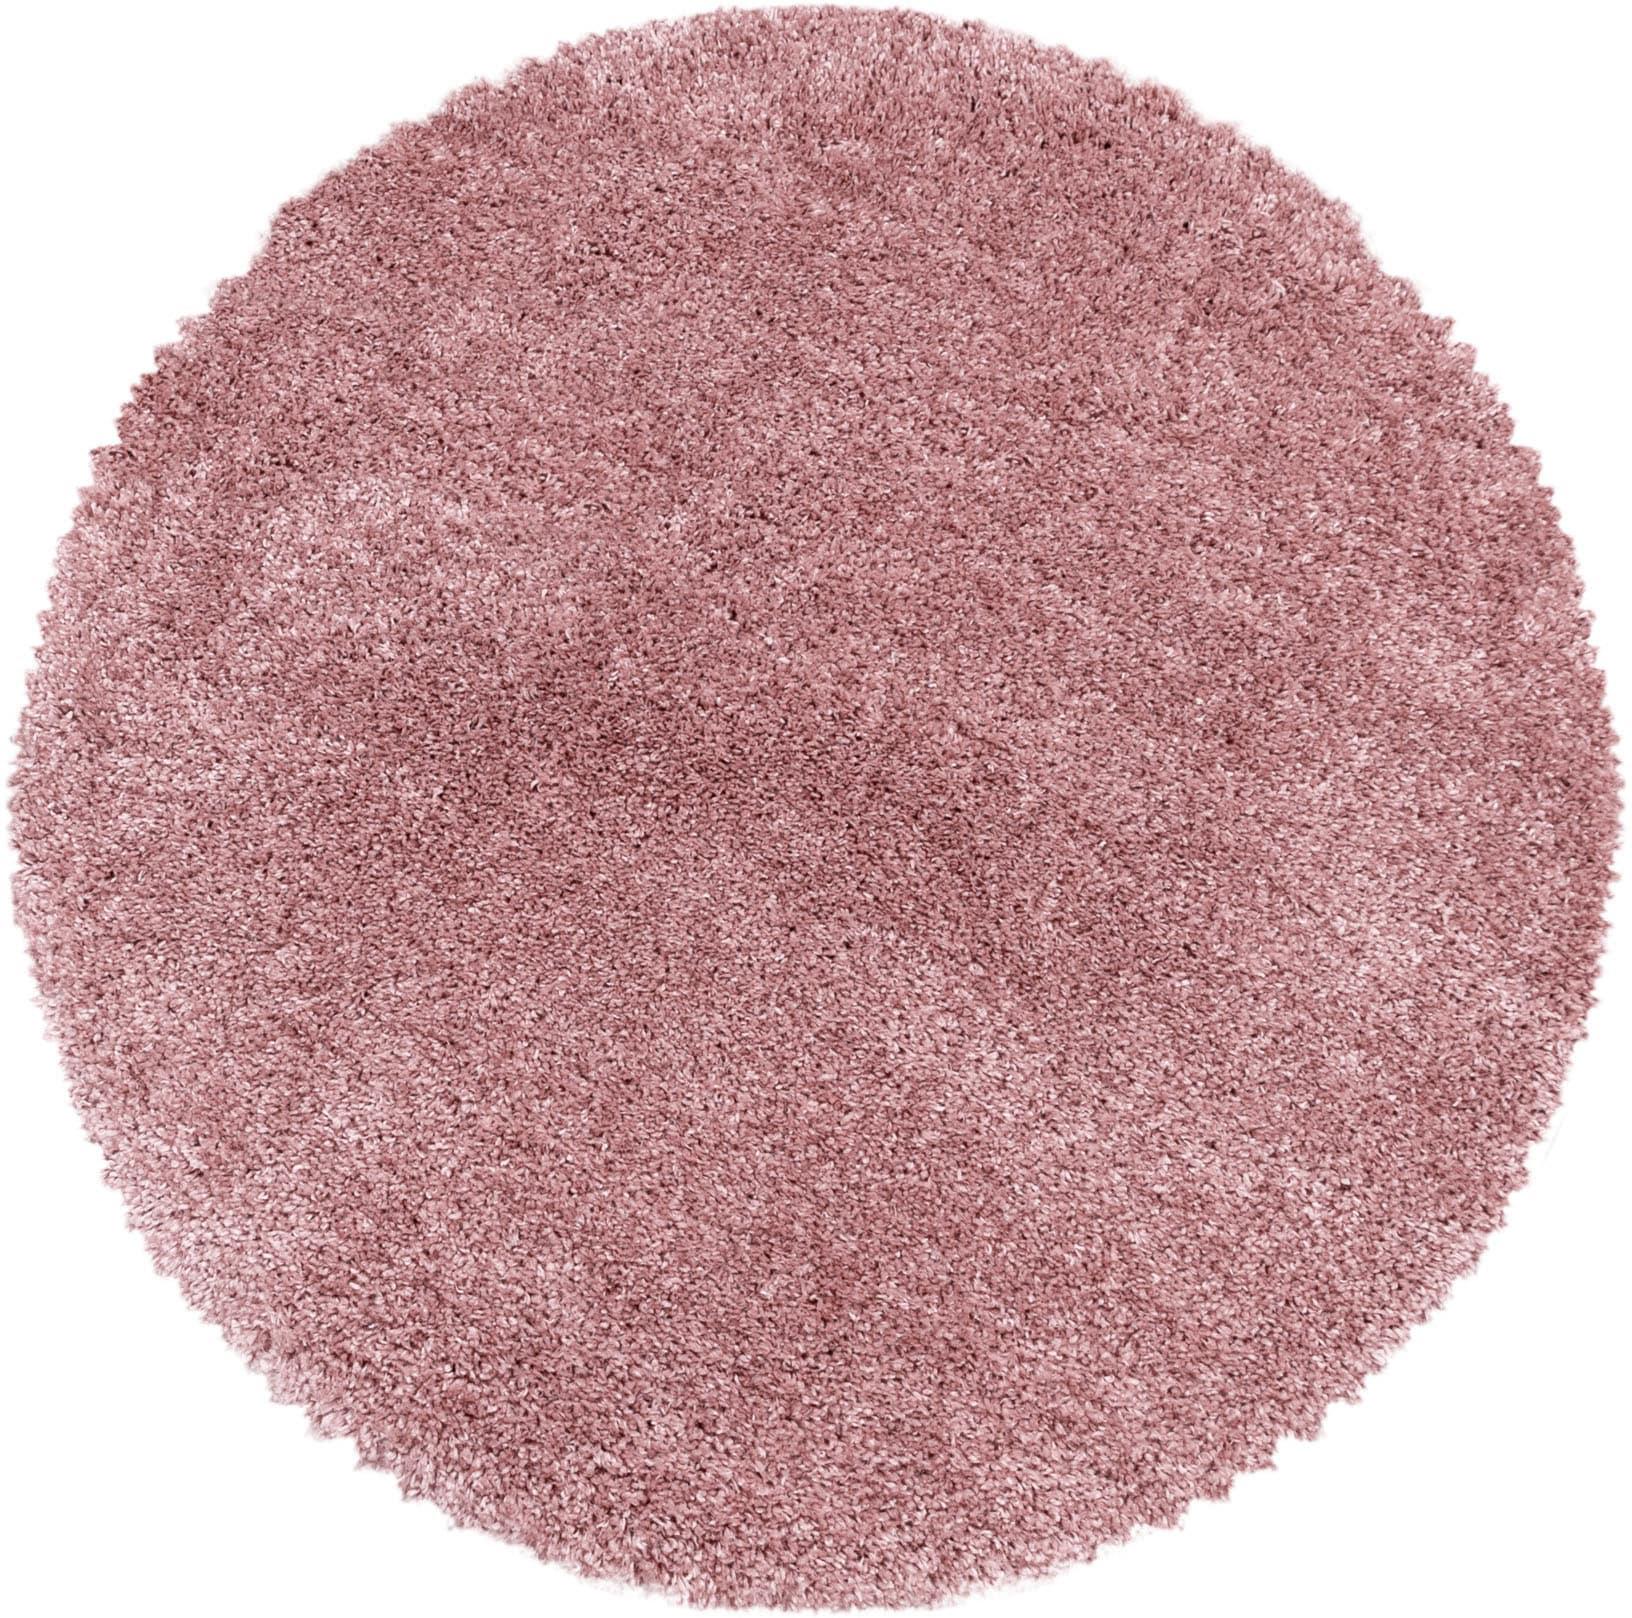 Ayyildiz Hochflor-Teppich FLUFFY 3500, rund, 50 mm Höhe rosa Wohnzimmerteppiche Teppiche nach Räumen